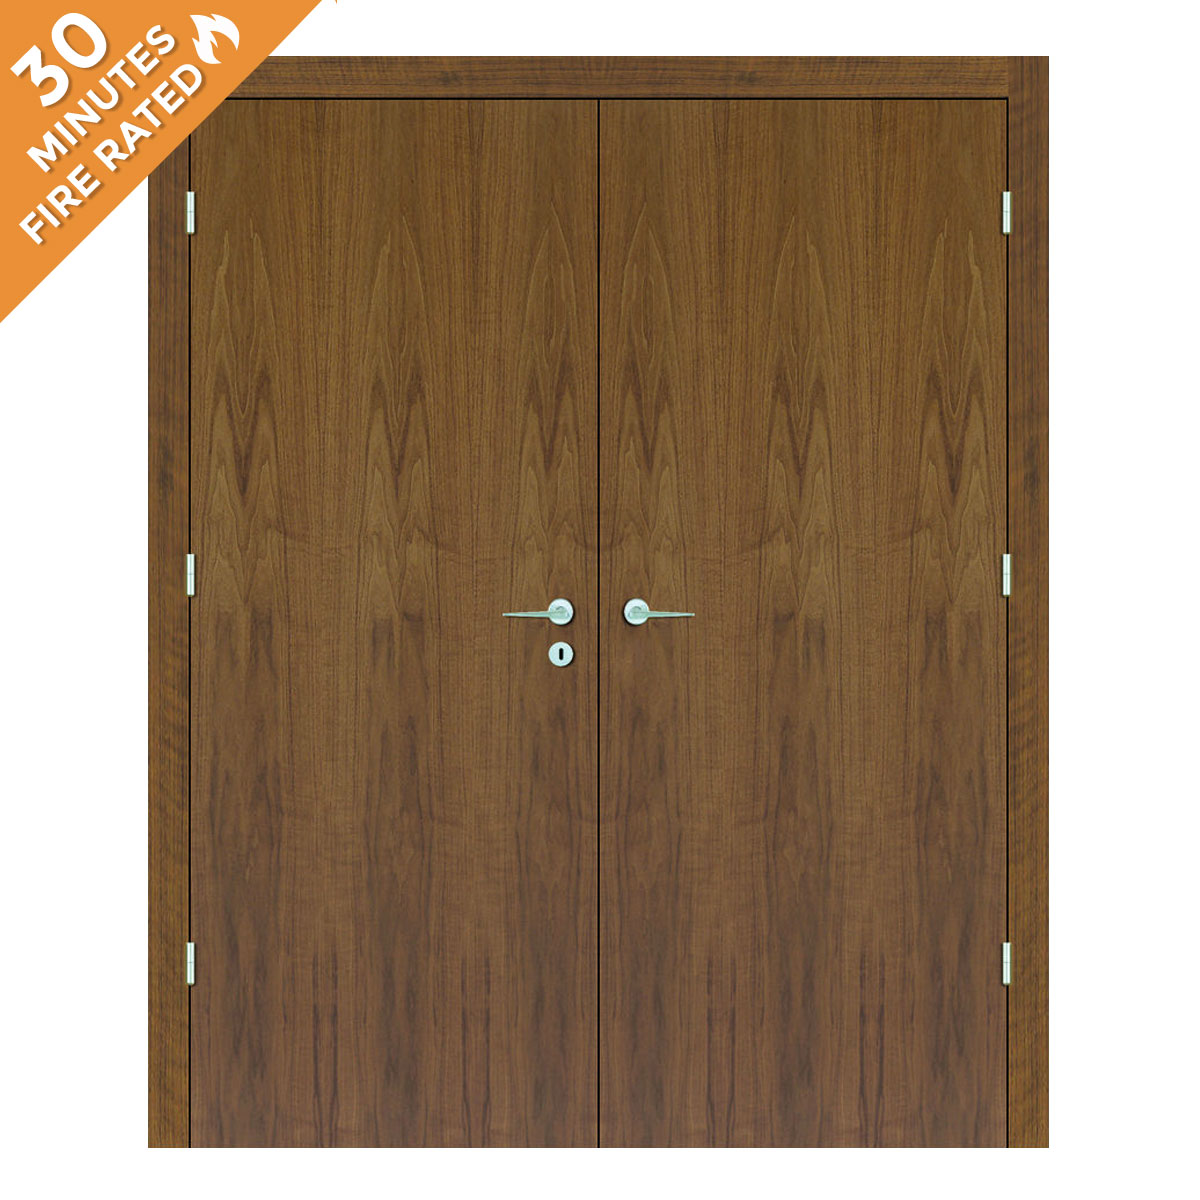 Walnut Double Door FD30